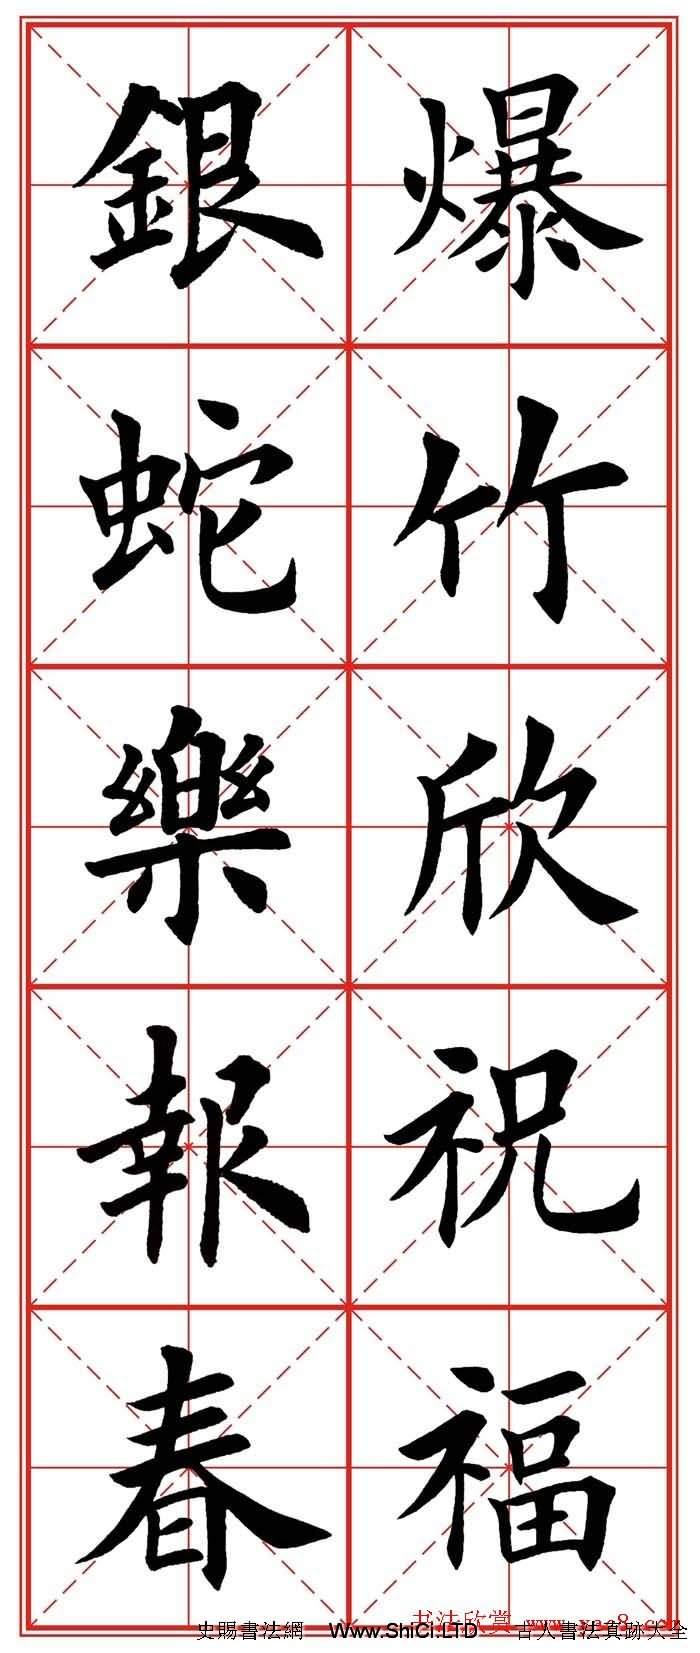 繁體楷書字帖:蛇年春聯欣賞